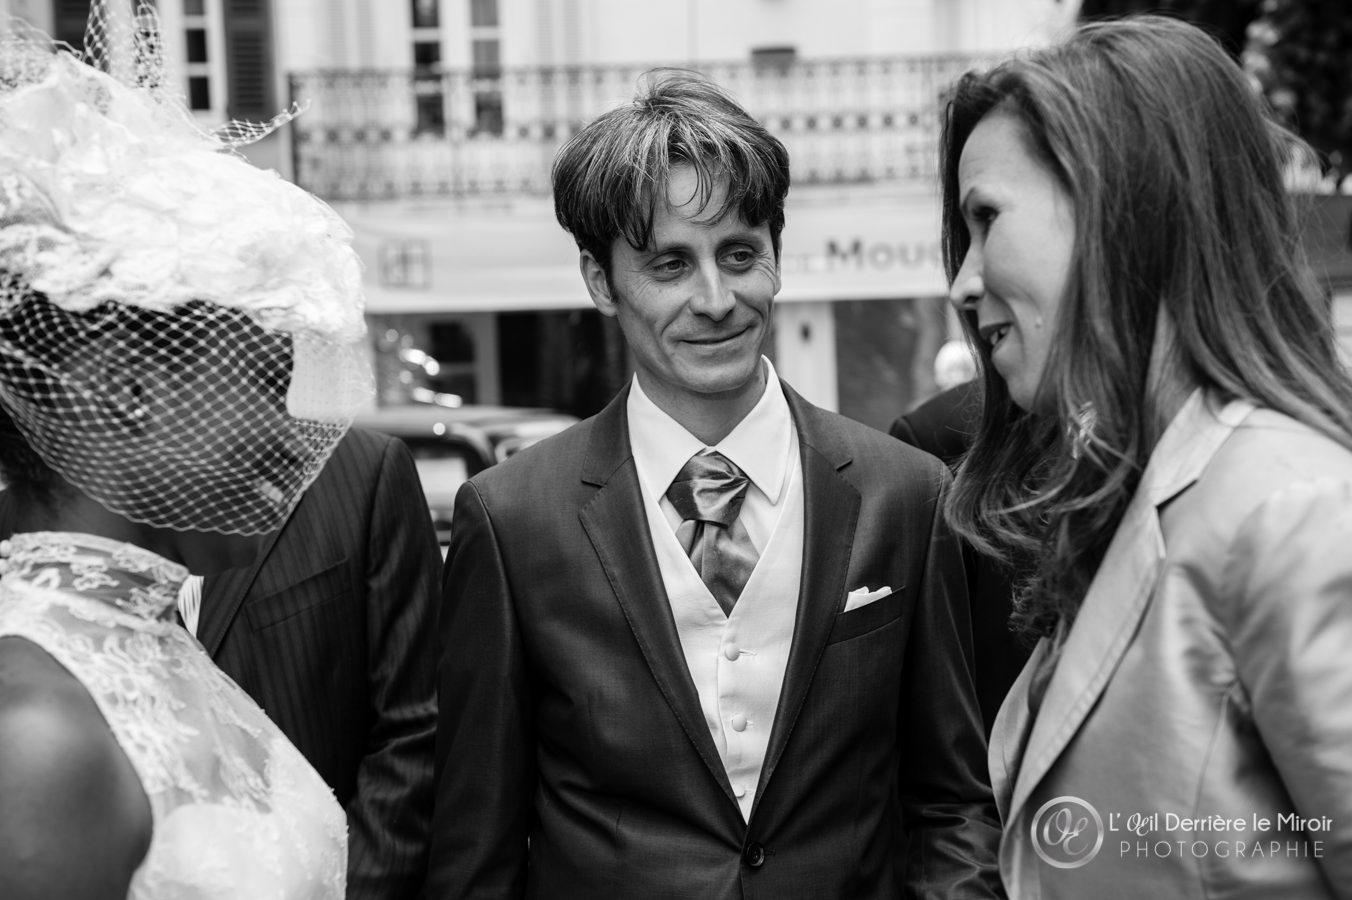 Photo de mariage à Mougins par L'OEil Derrière le Miroir